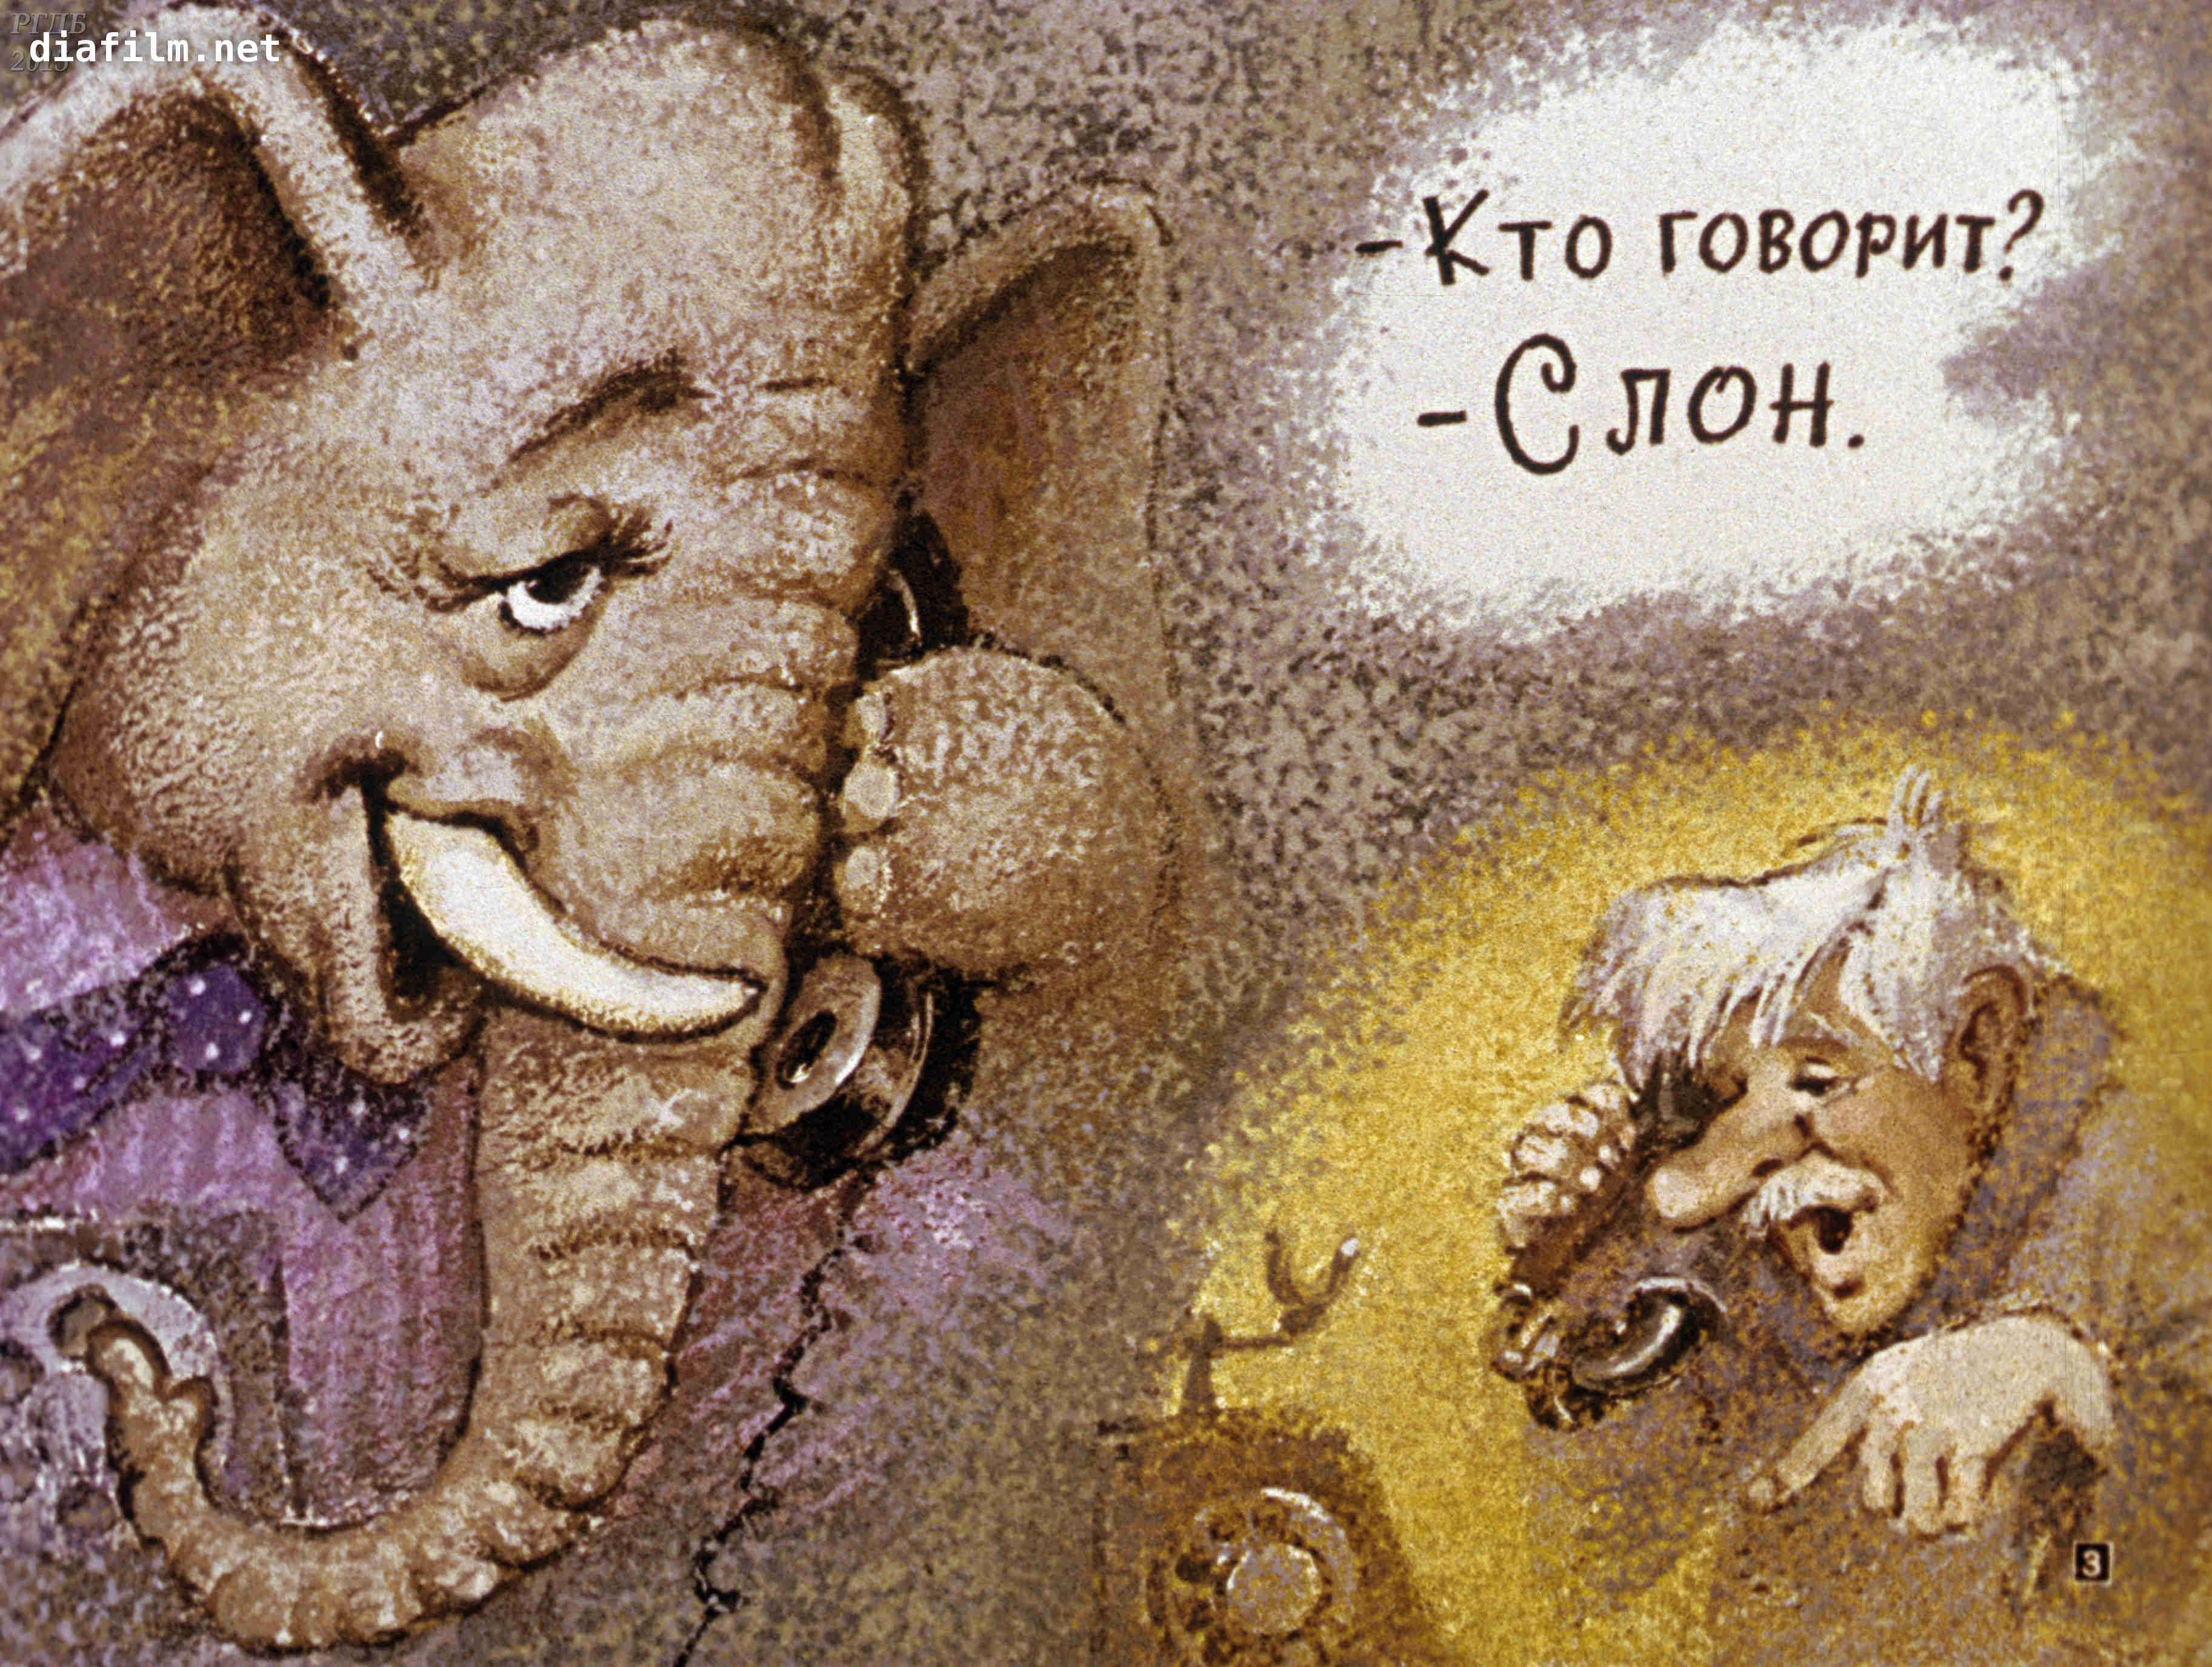 этом картинка кто говорит слон обычном суетливом